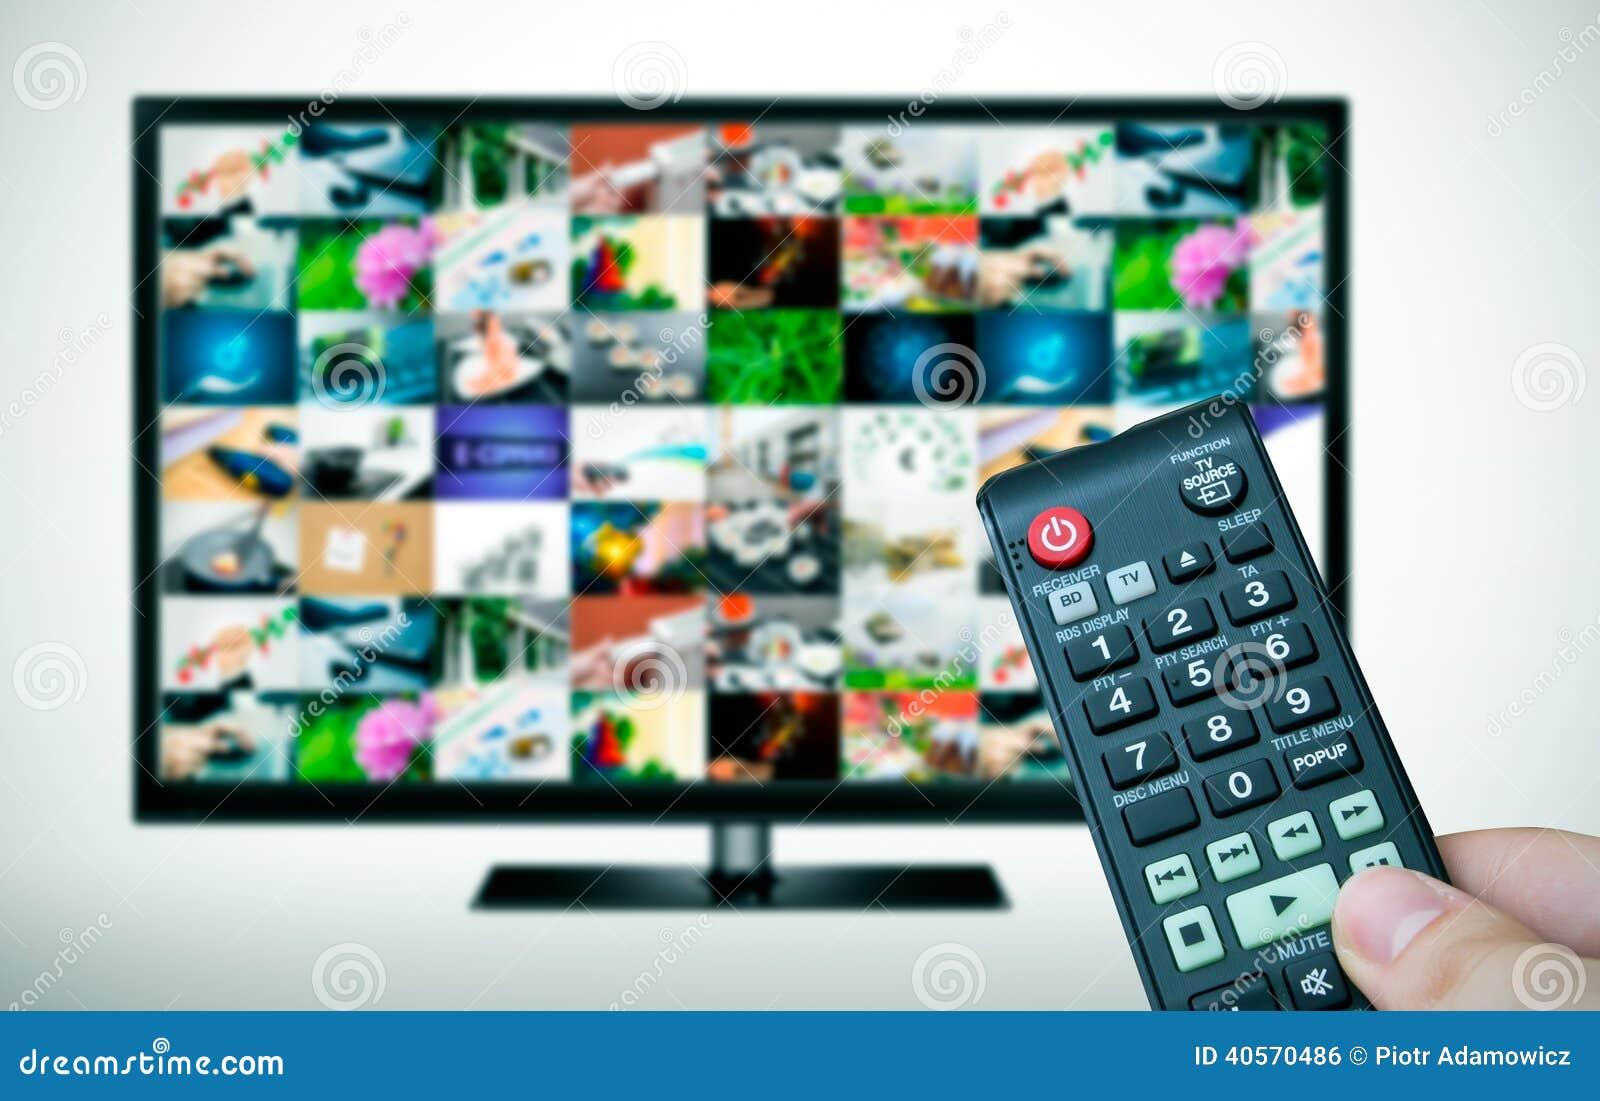 Μακρινός και TV με τις εικόνες